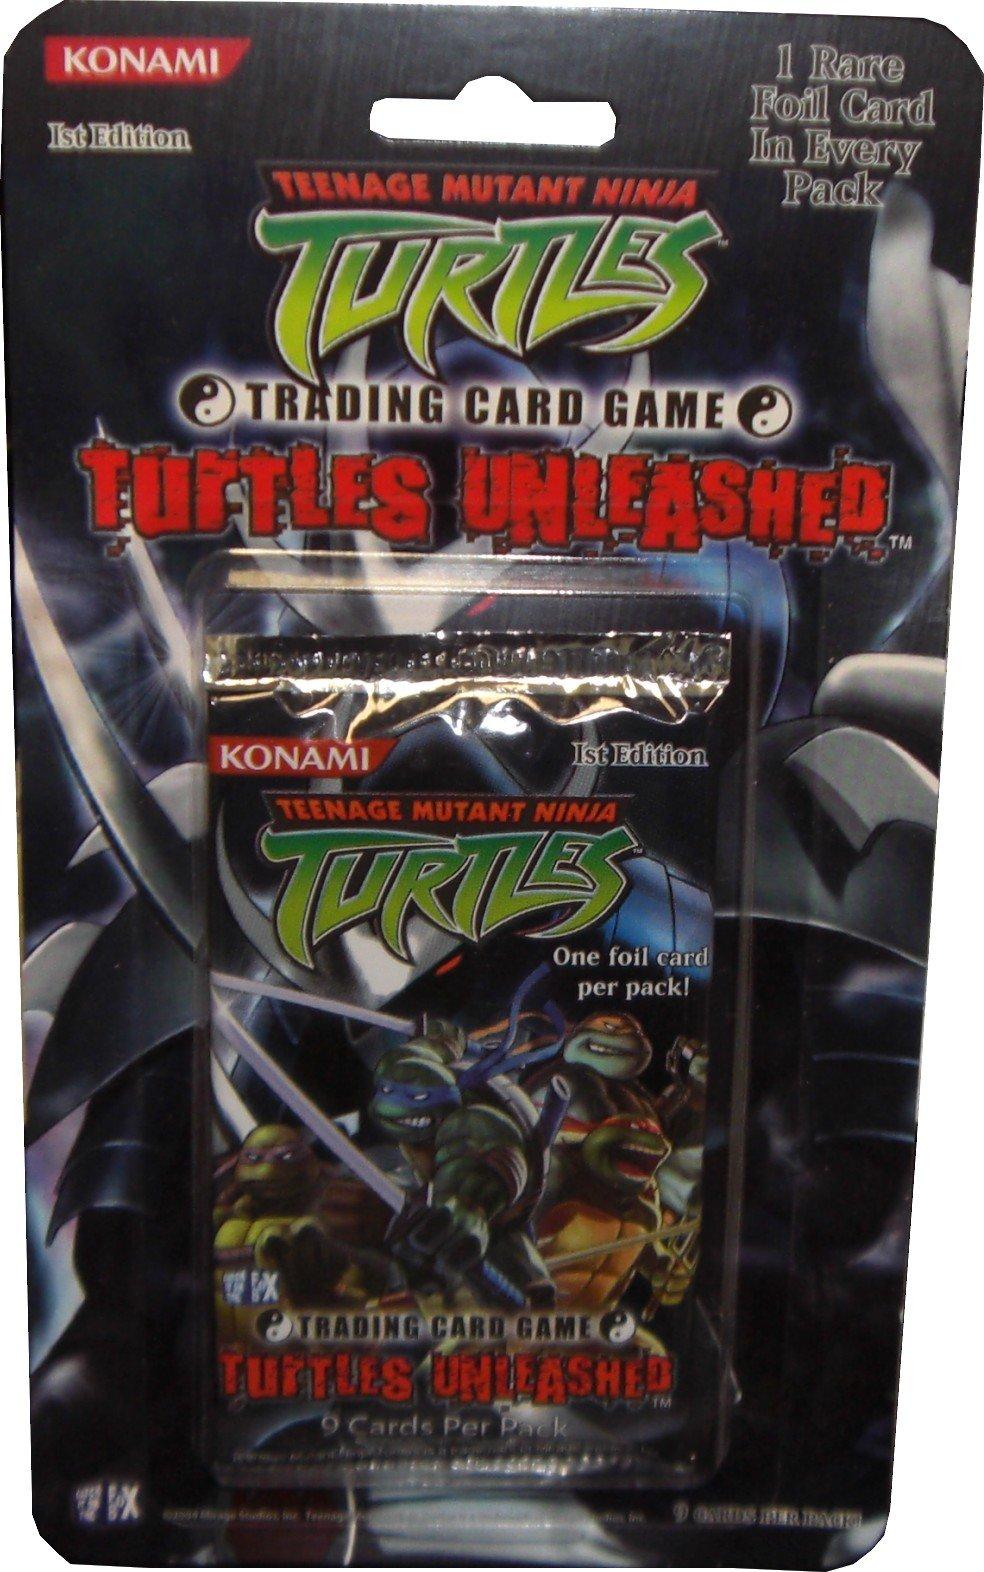 Teenage Mutant Ninja Turtles Tcg, Turtles Unleashed Blister ...